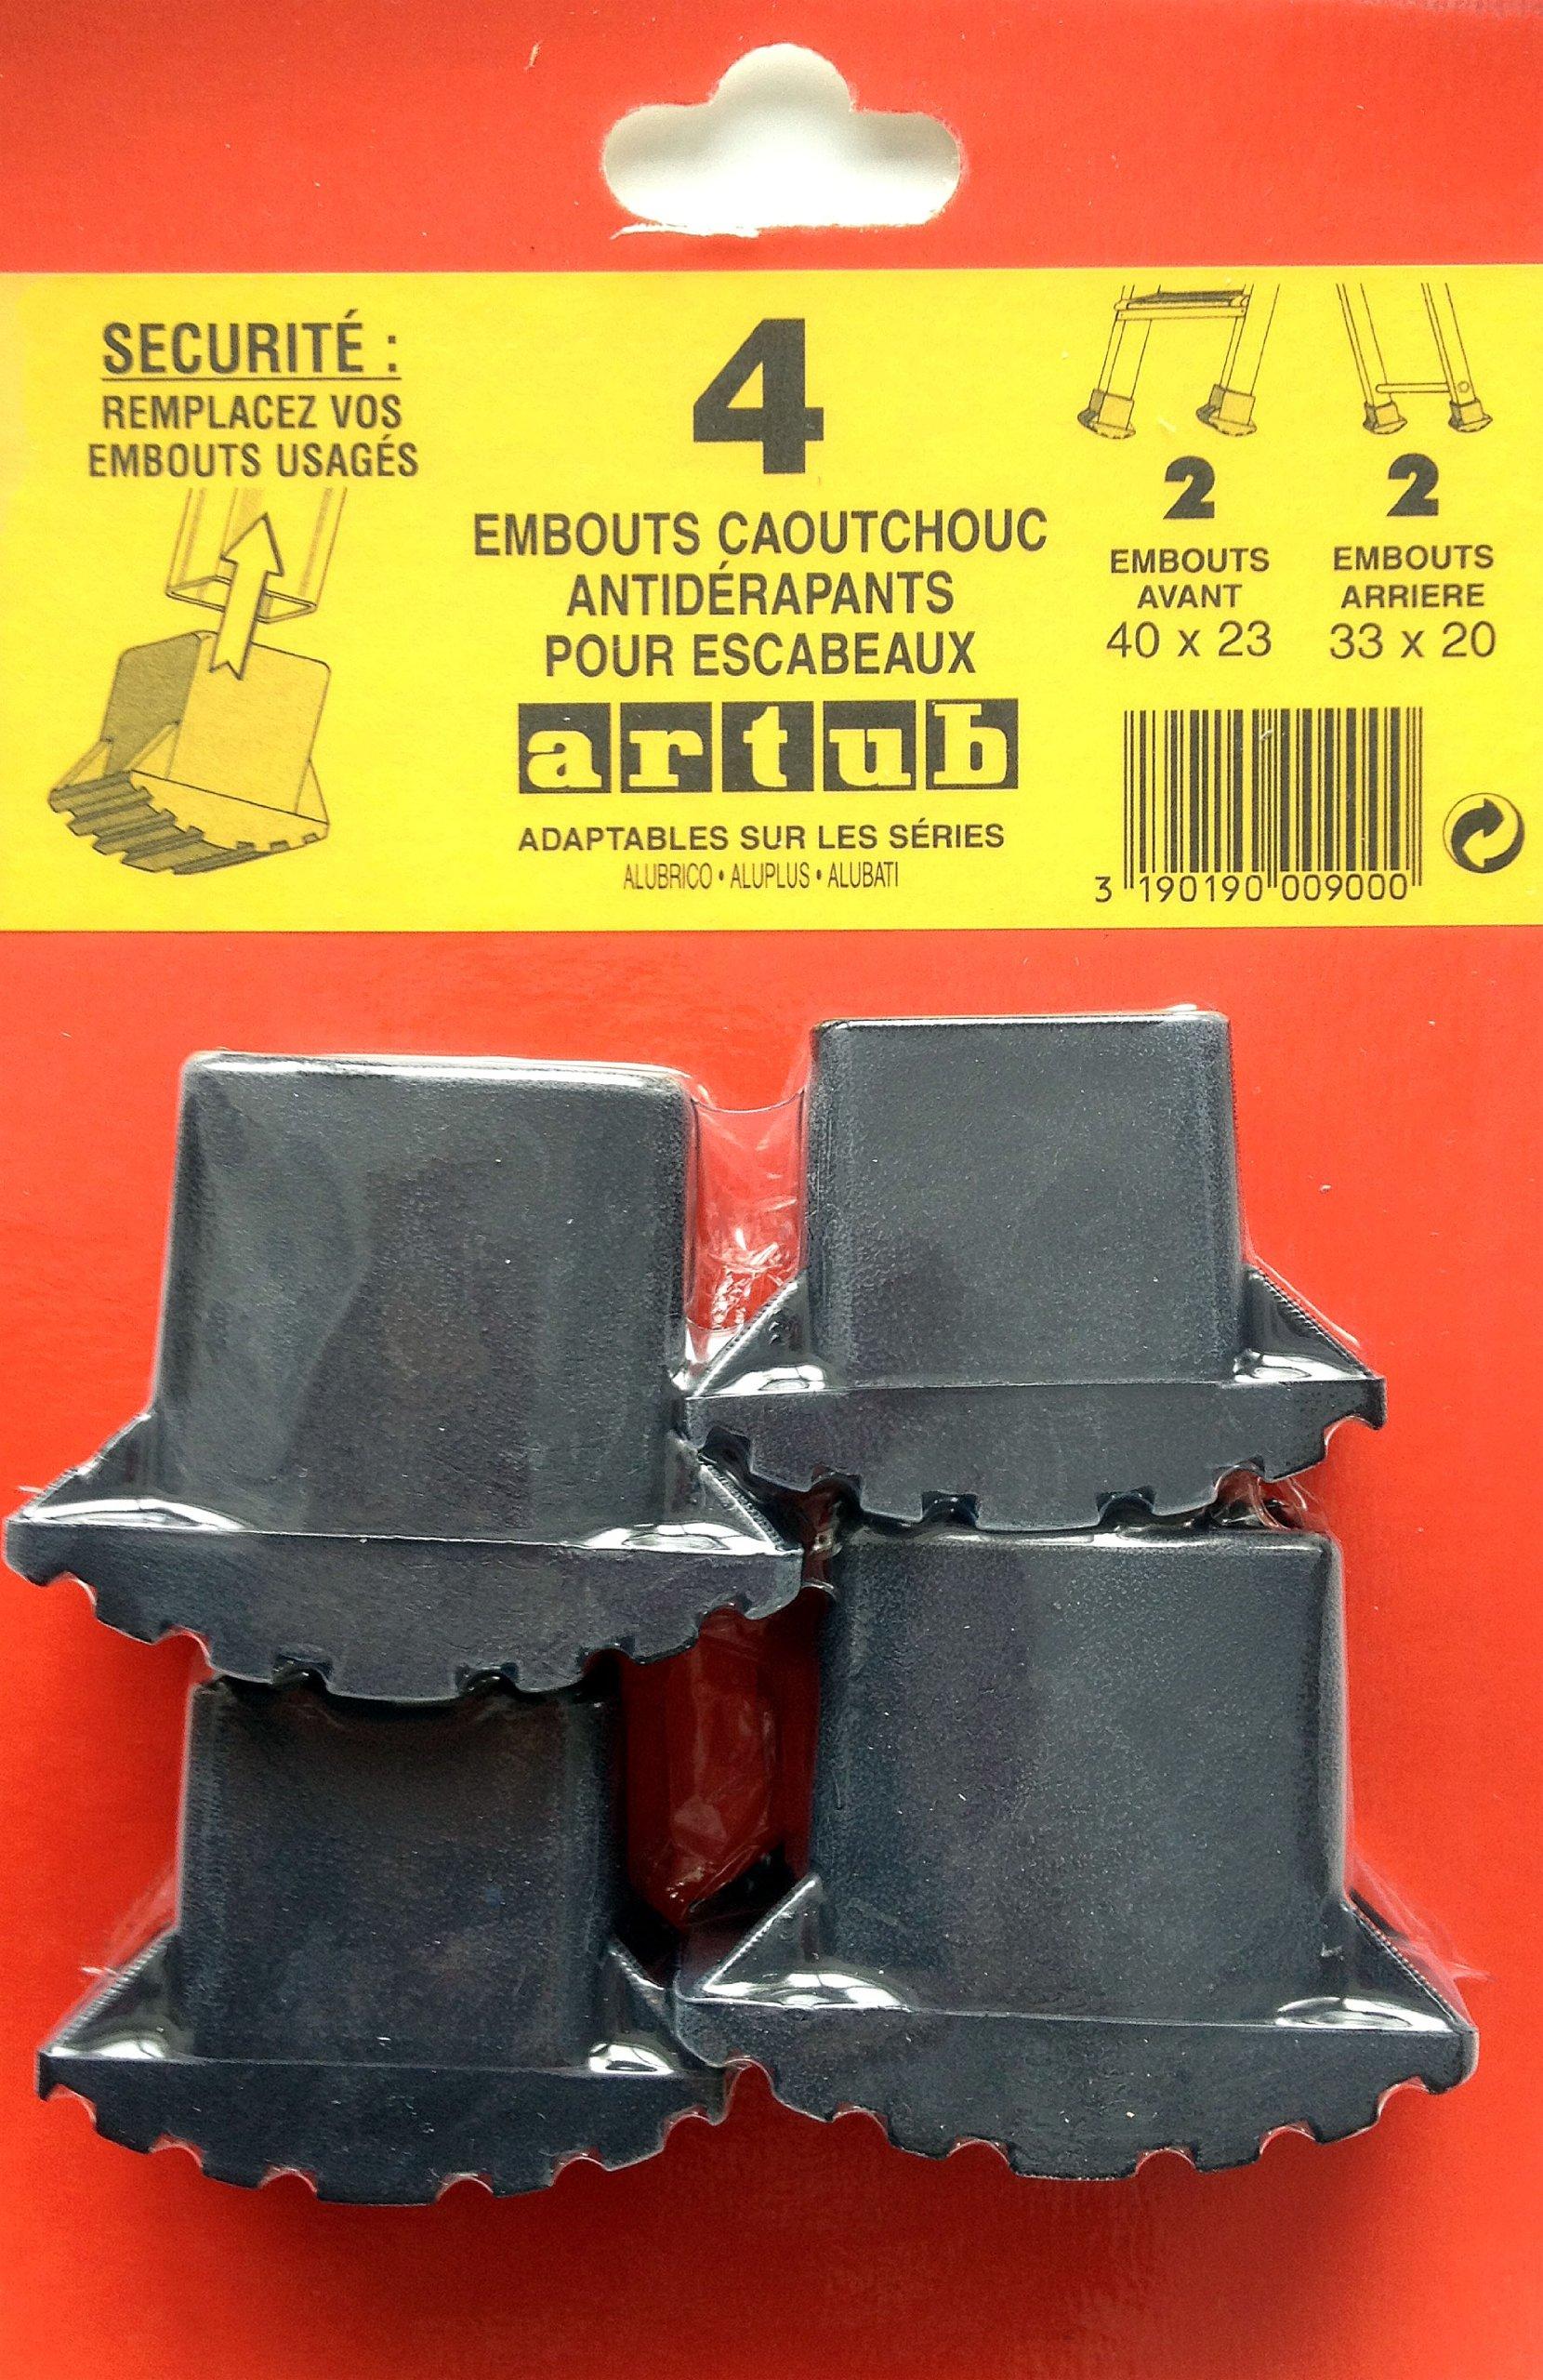 ESCANOR 23010160 Contera Escalera Domestica / Profesional (Juego 4 piezas): Amazon.es: Bricolaje y herramientas